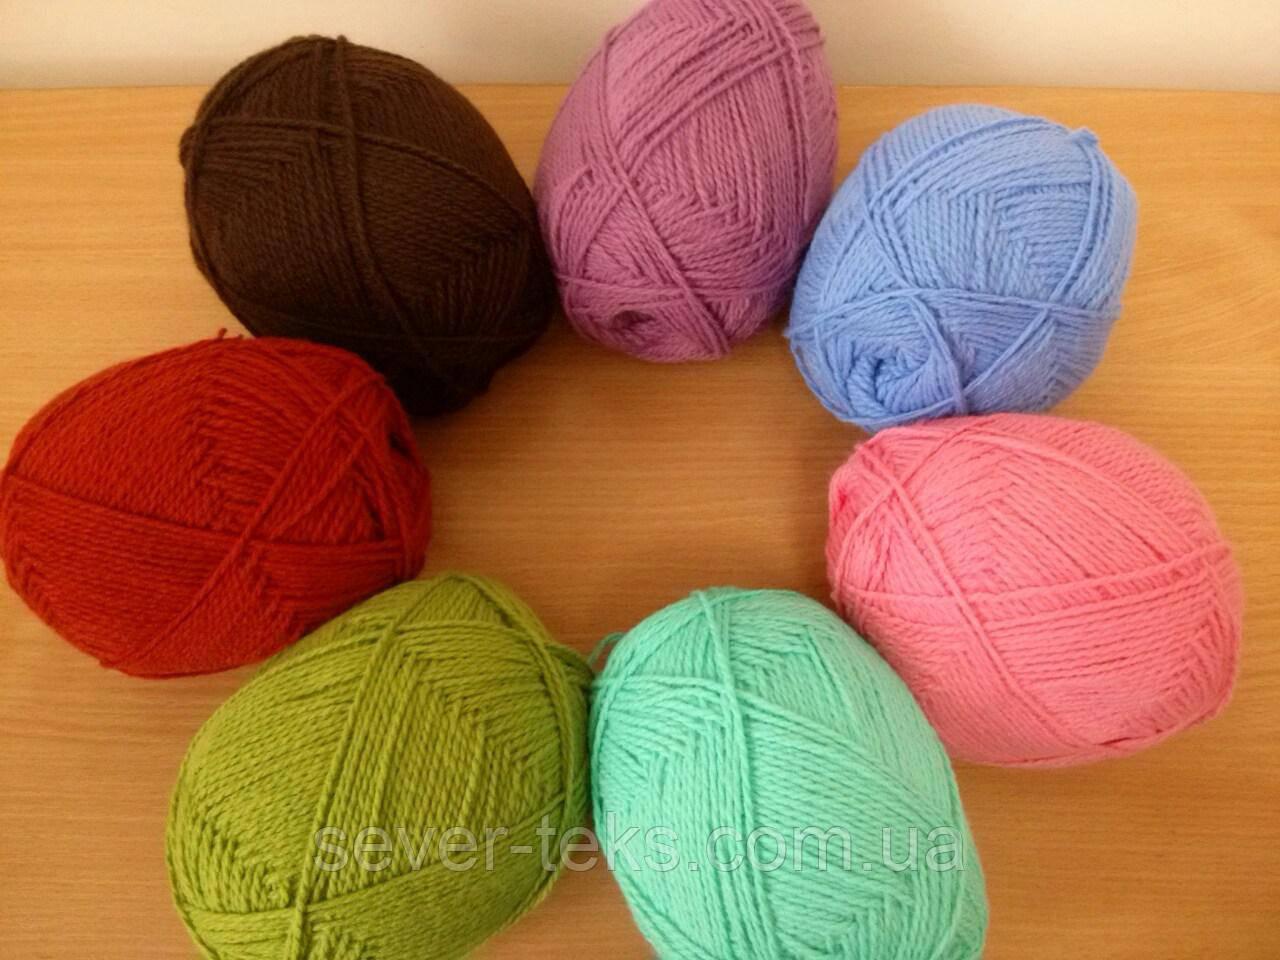 акрил объемный пряжа для ручного вязания цена 240 грнкг купить